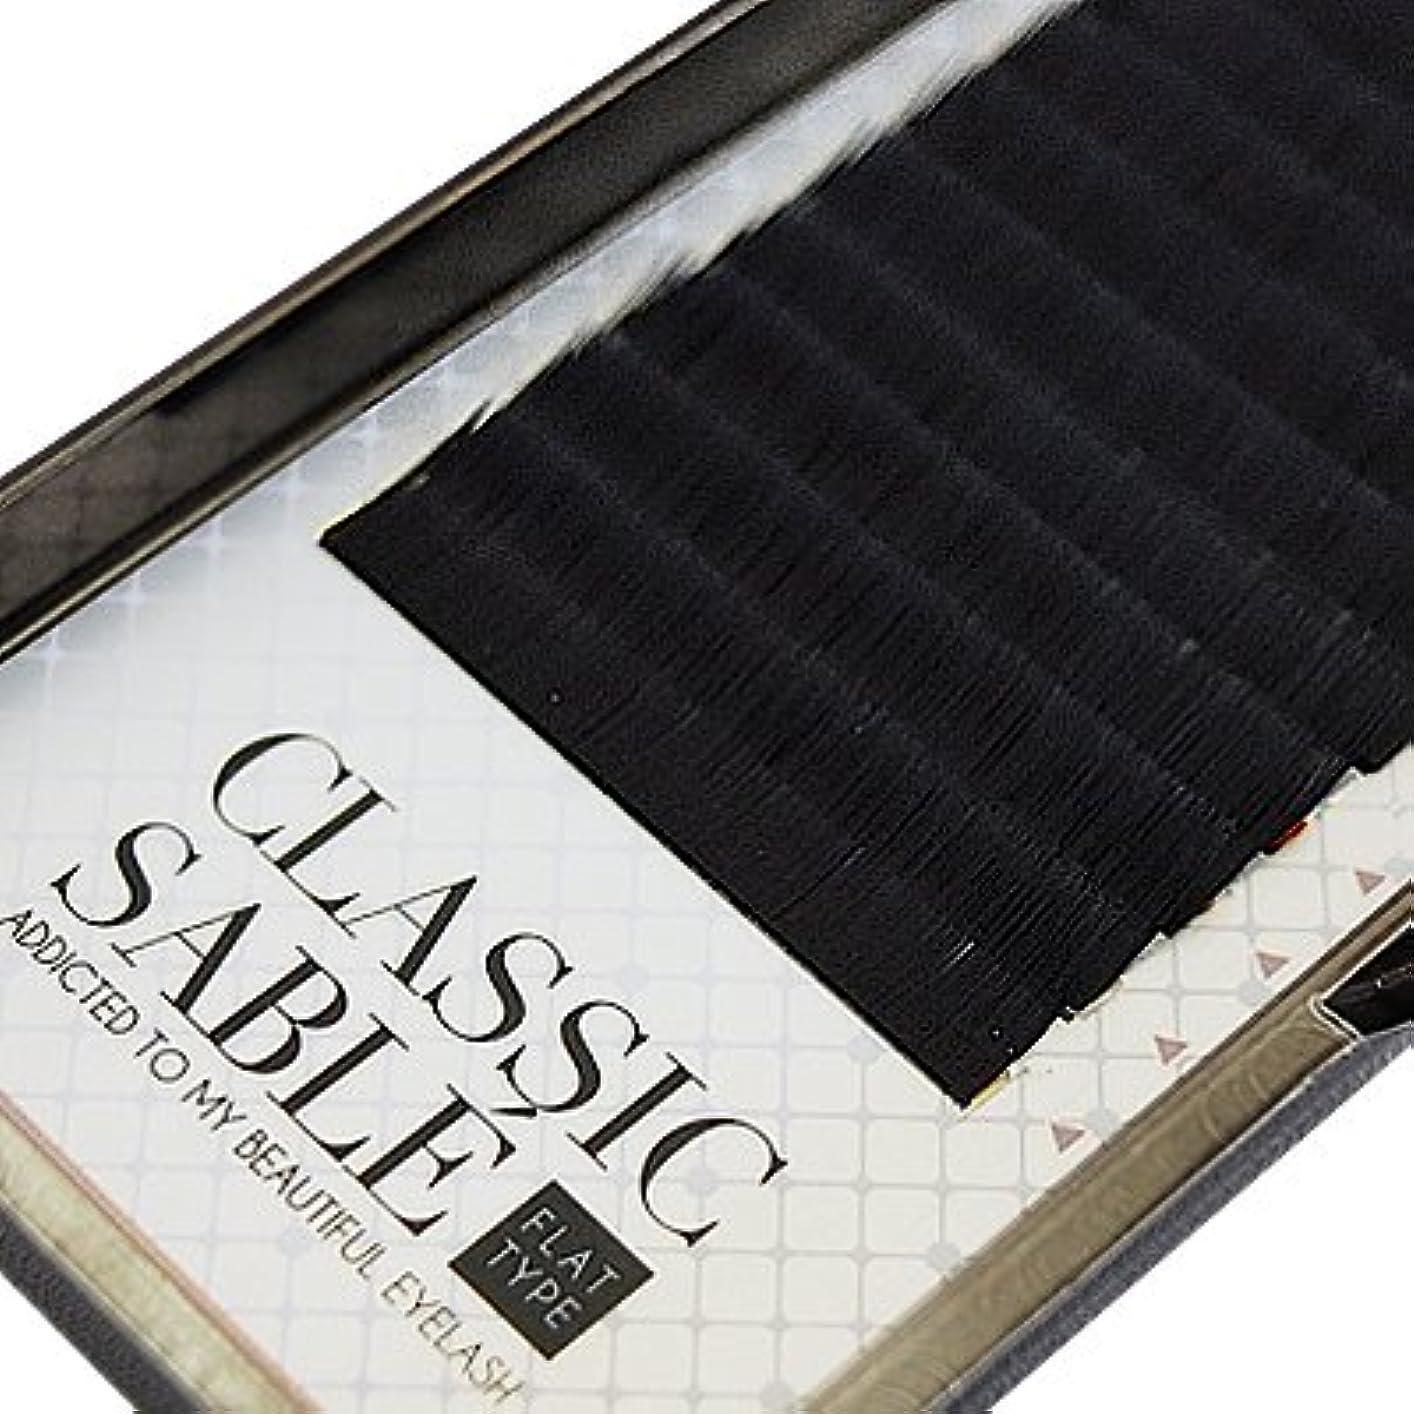 エステートミット家具【amass Bona】クラシックセーブル フラットタイプ Cカール 13mm×0.15mm